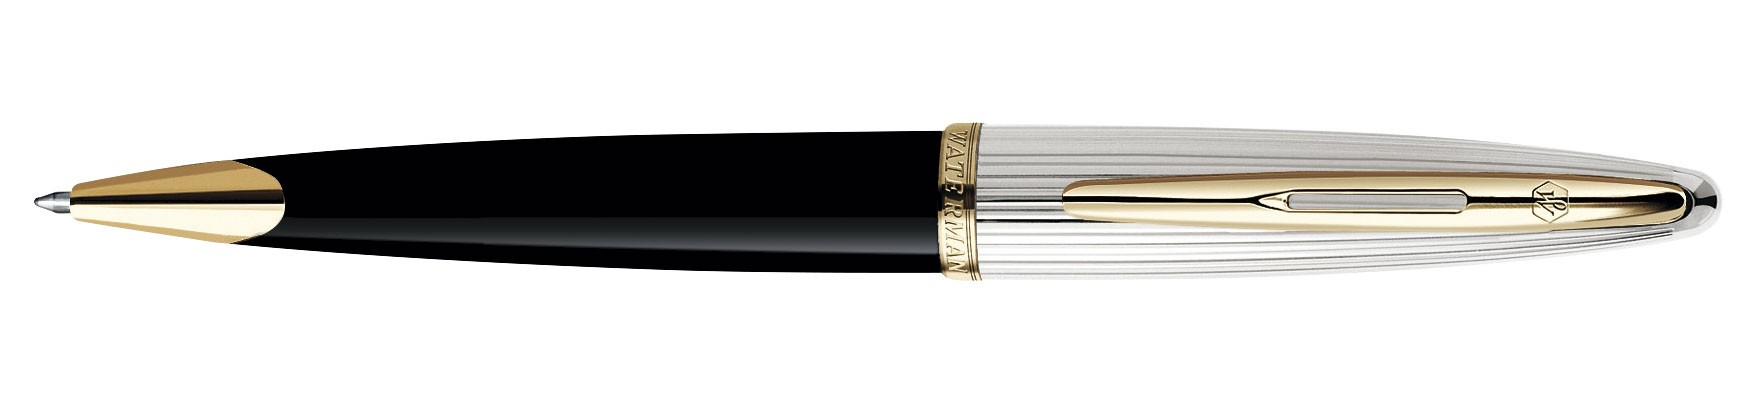 Шариковая ручка Waterman Carene De Luxe